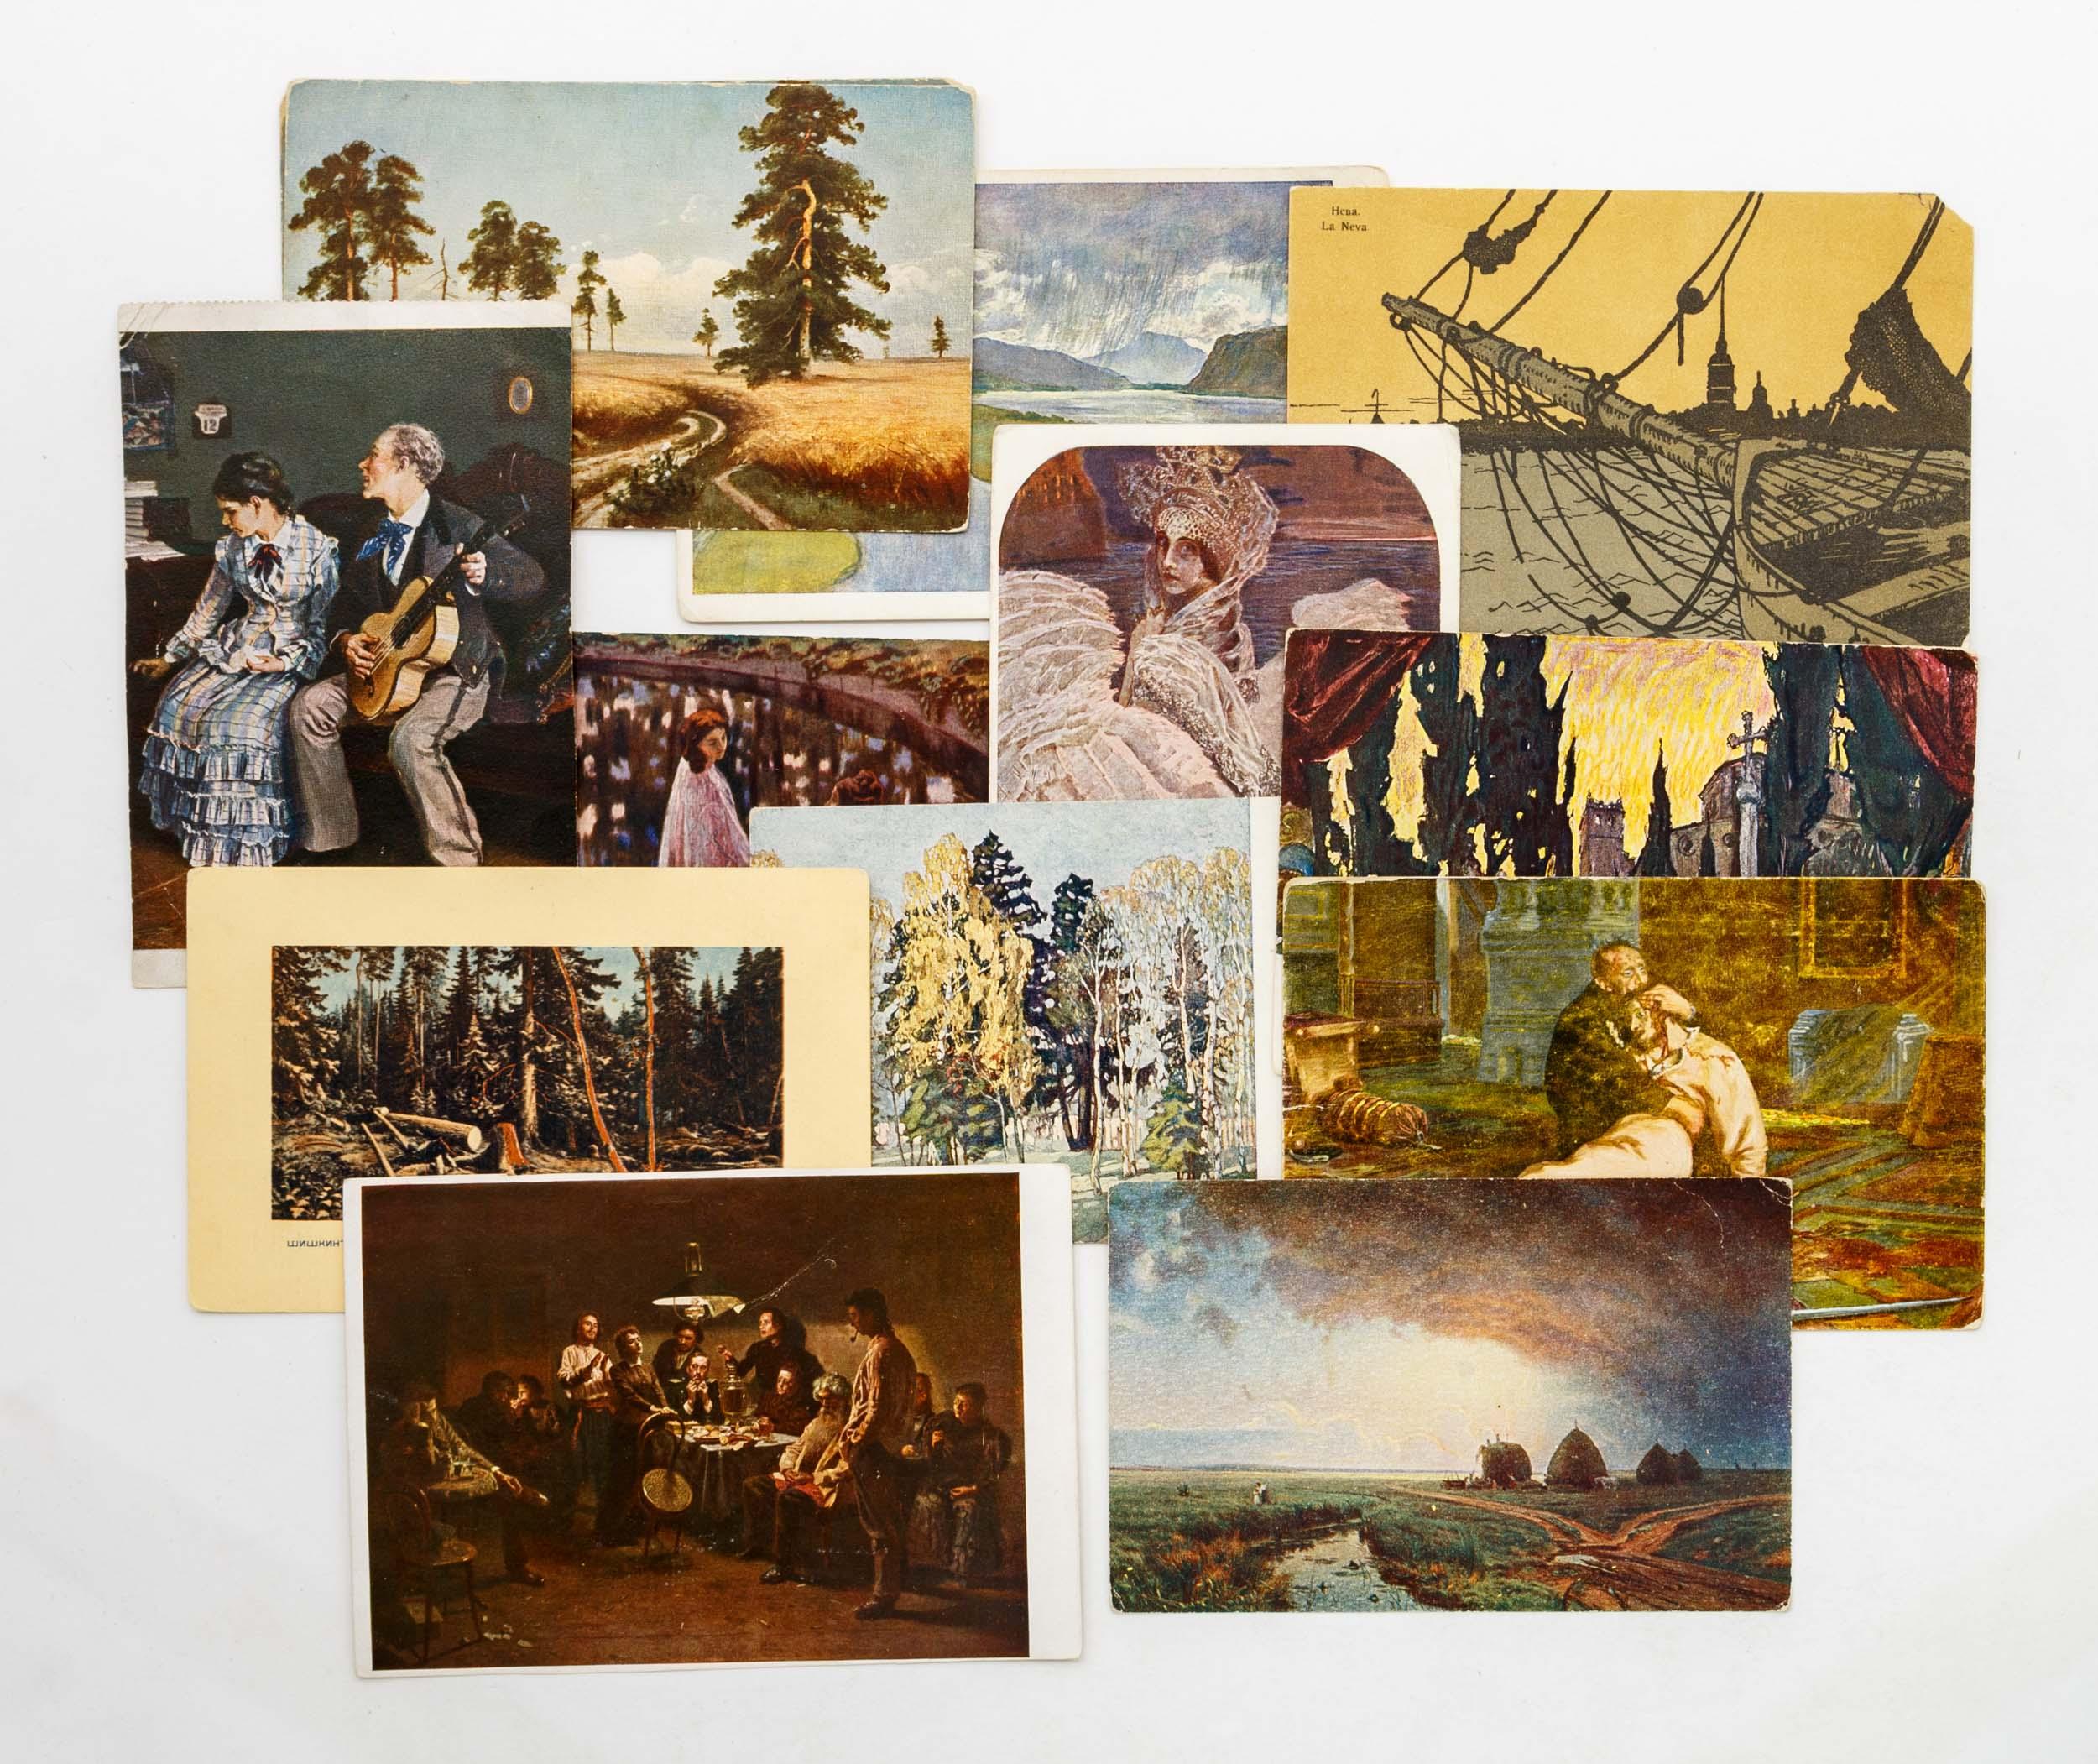 репродукции картин набор открыток этом сезоне